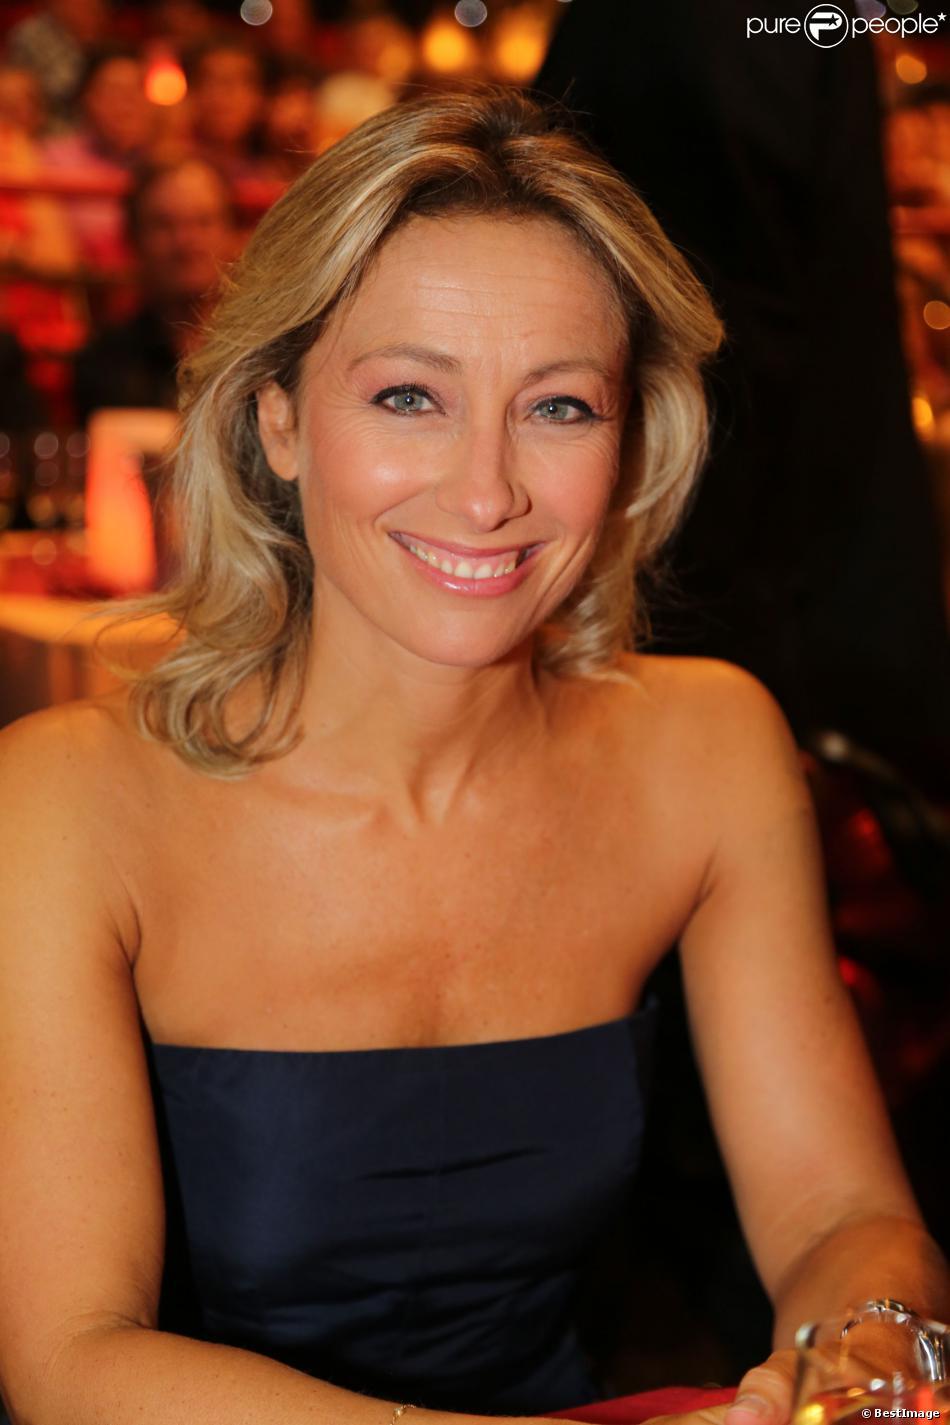 Exclusif - Anne-Sophie Lapix lors de l'émission Le plus grand cabaret du Monde, diffusion le 7 septembre 2013